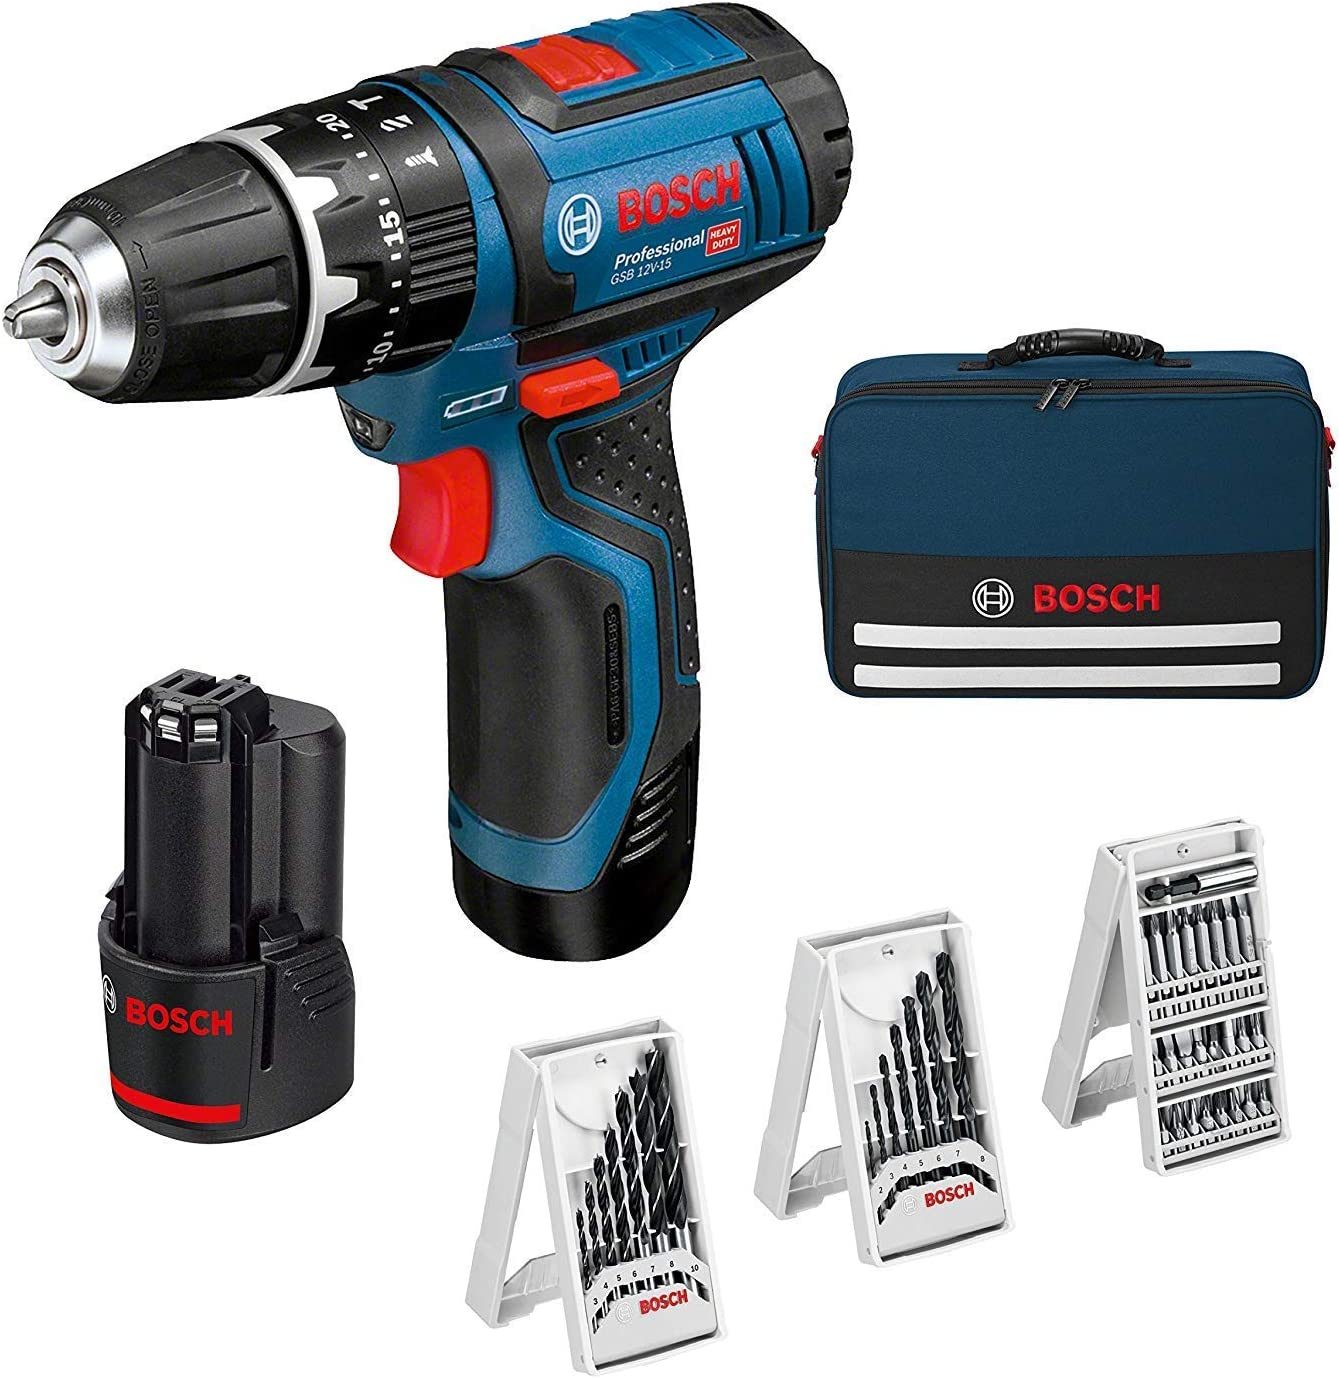 Bosch Professional percutor GSB 12V-15, Madera de diametro 19 mm, Incluso 2x2.0 Ah batería + Cargador, 3X Juego de Taladro, en Bolsa, Amazon Edición, 36 W, 12 V, Azul